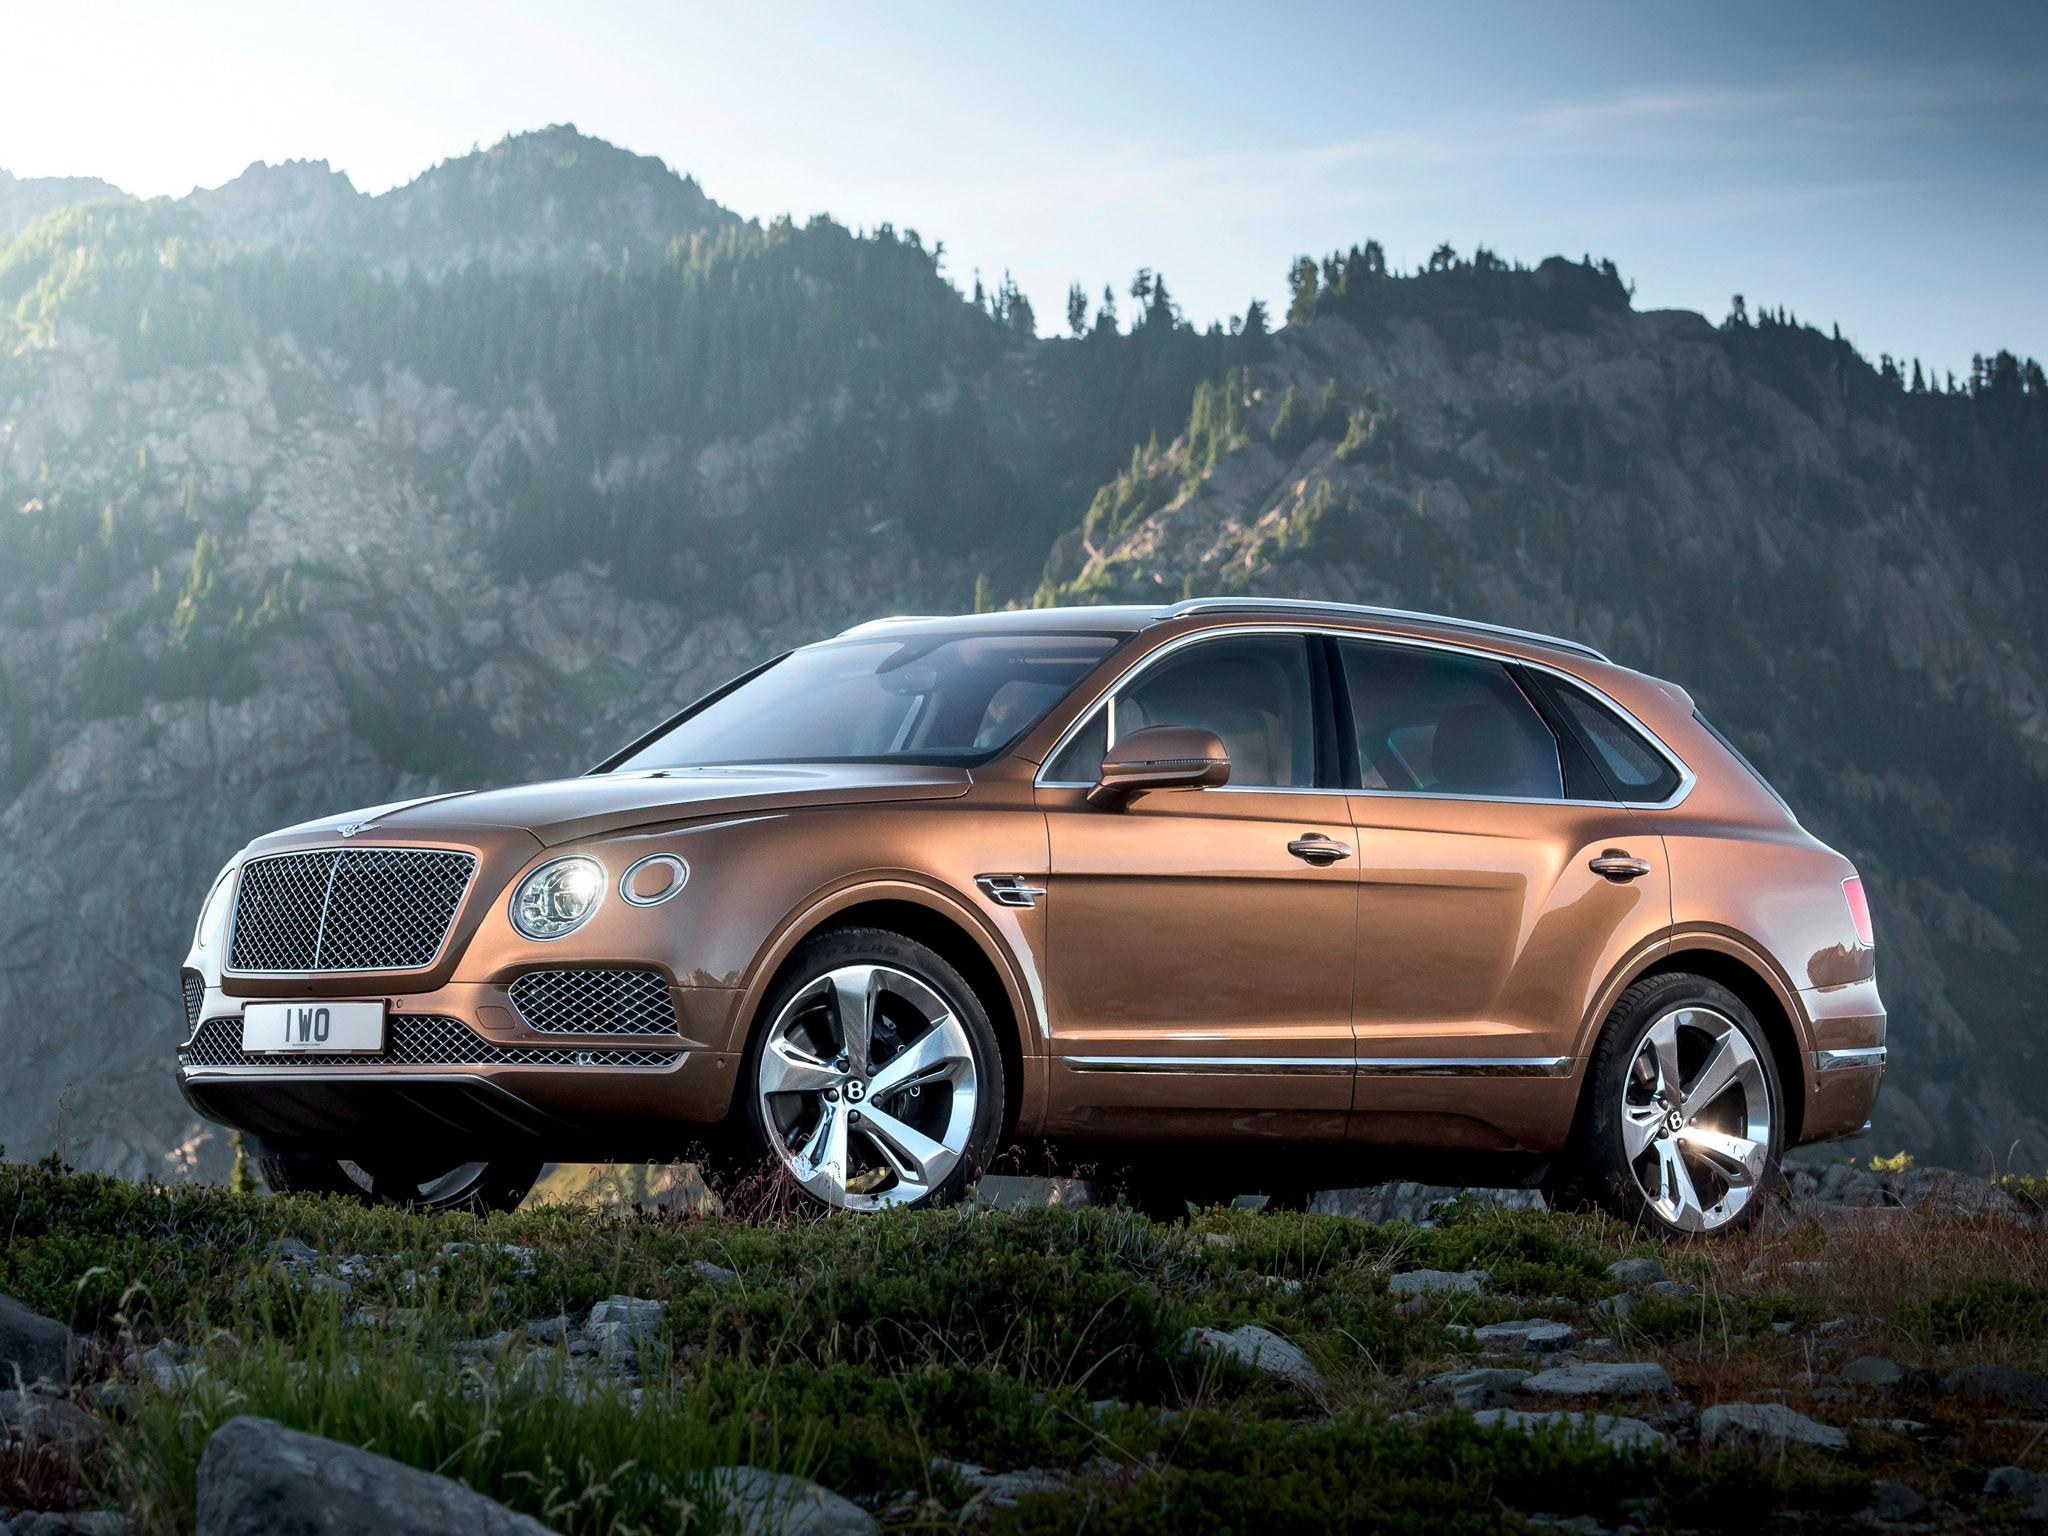 Bentley Bentayga SUV 2016 - Plus puissant et plus luxueux - Photoscar